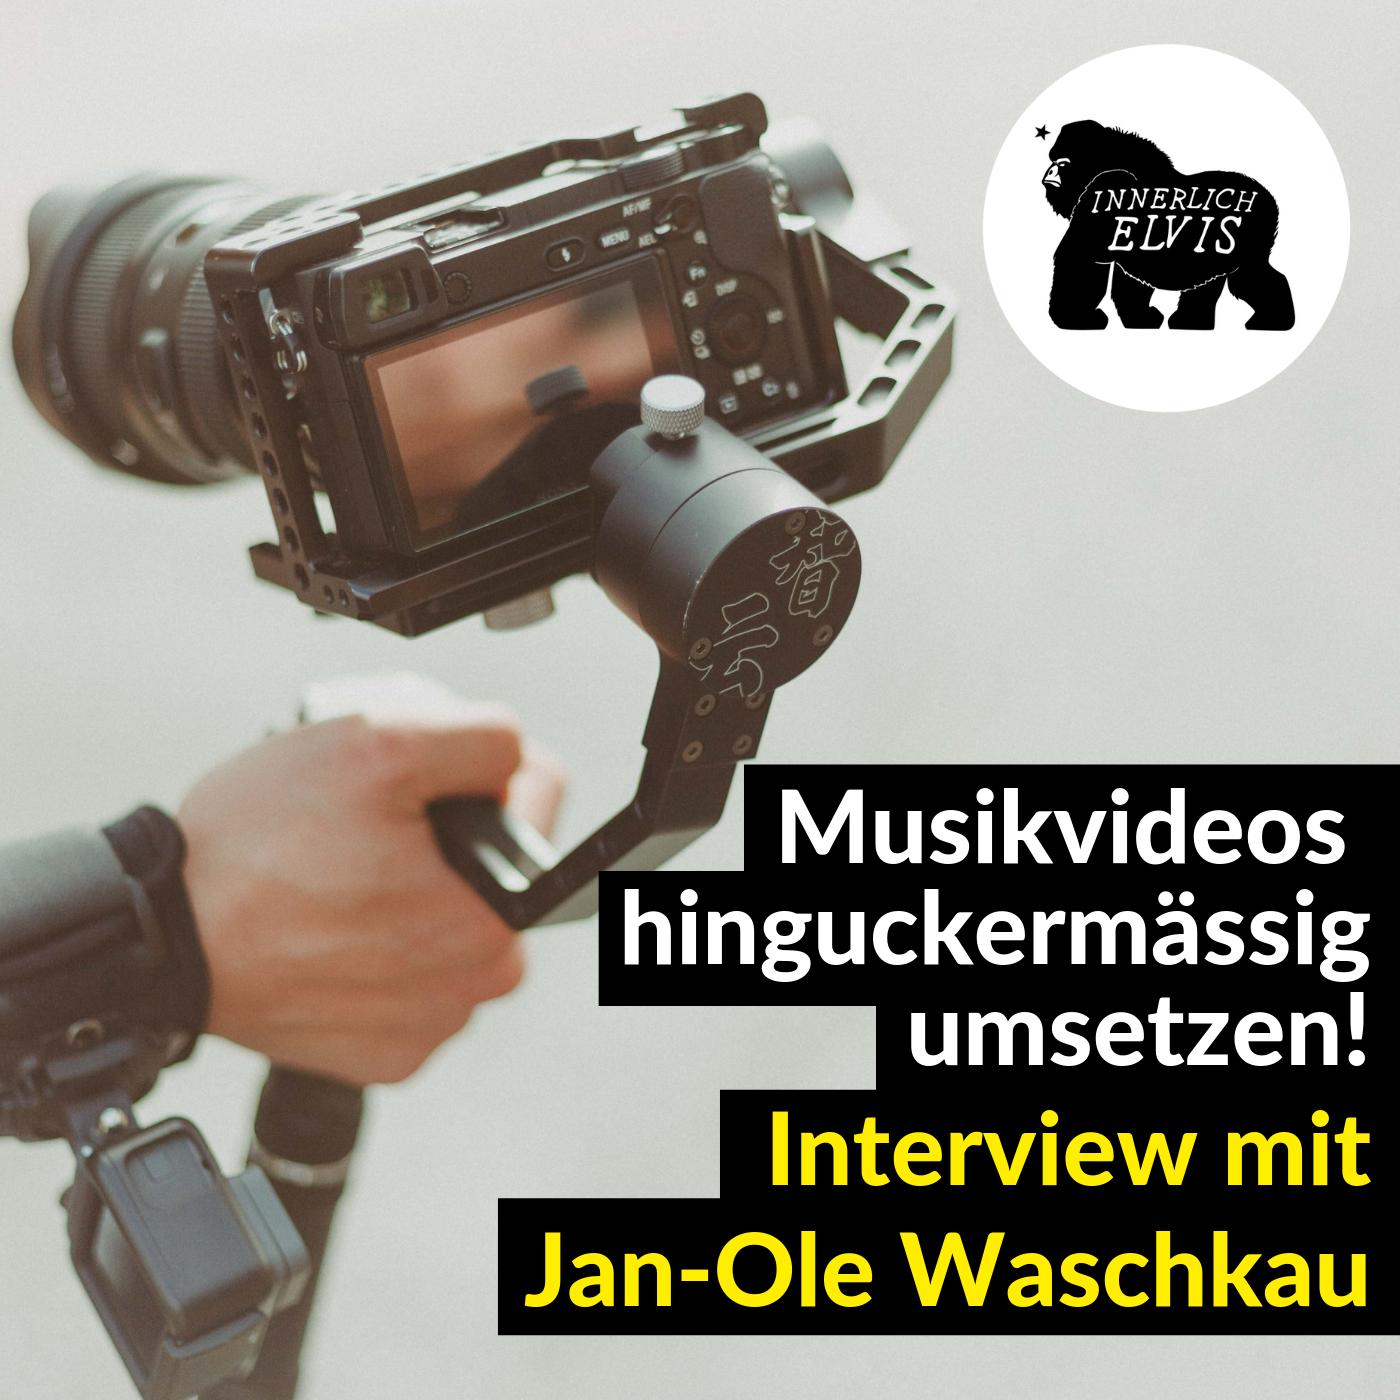 Musikvideos hinguckermässig umsetzen - Interview mit Jan-Ole Waschkau, Teil 2